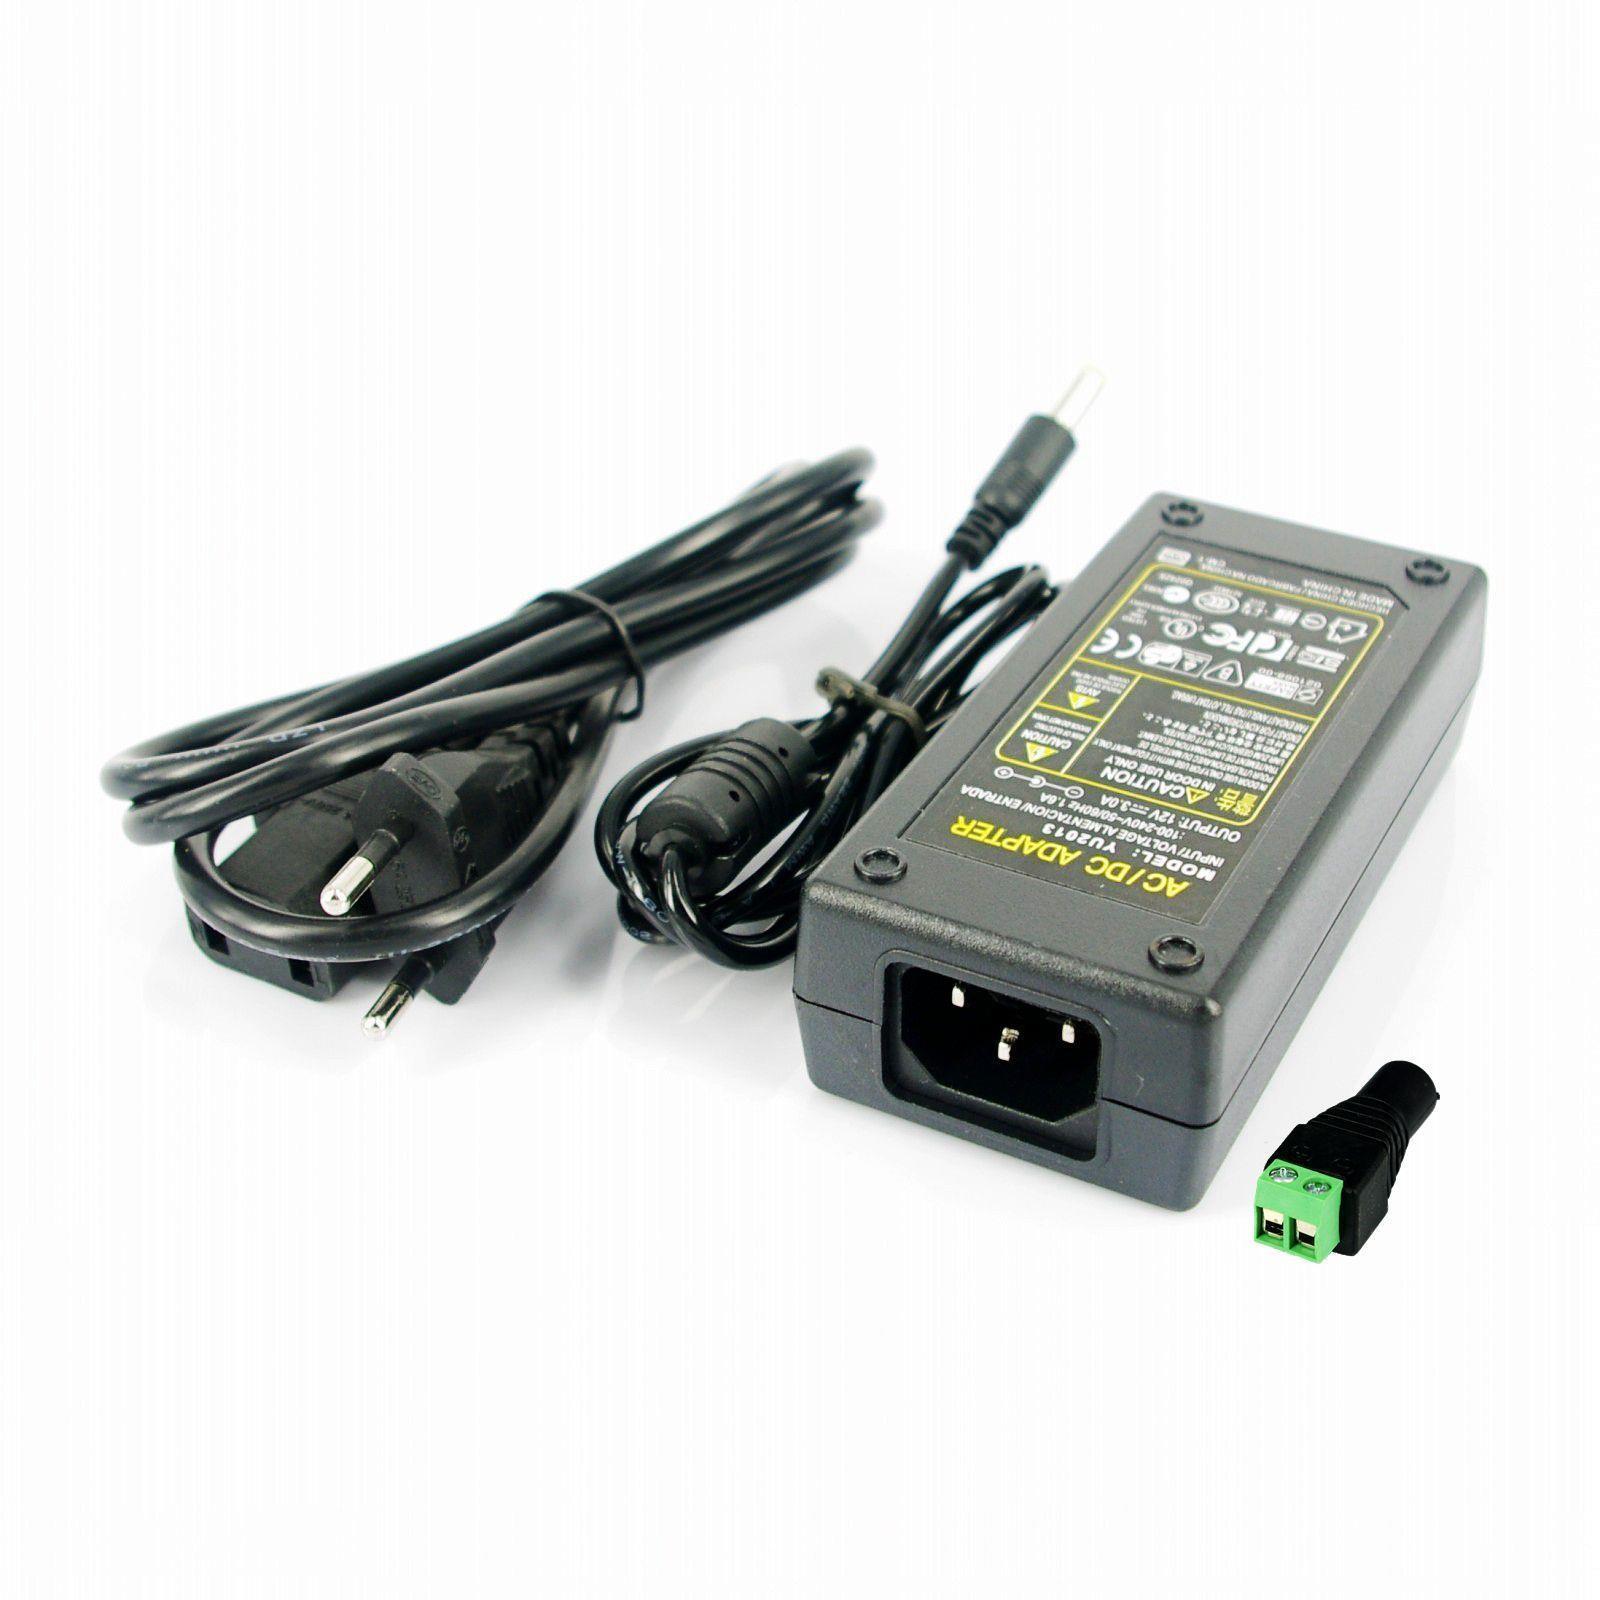 Digital Decoder Spur G Zugsteuerungen Trafos Dekoder 12v 8211 32 V 5a Power Supply By Lm338 Netzteil 4a 48w